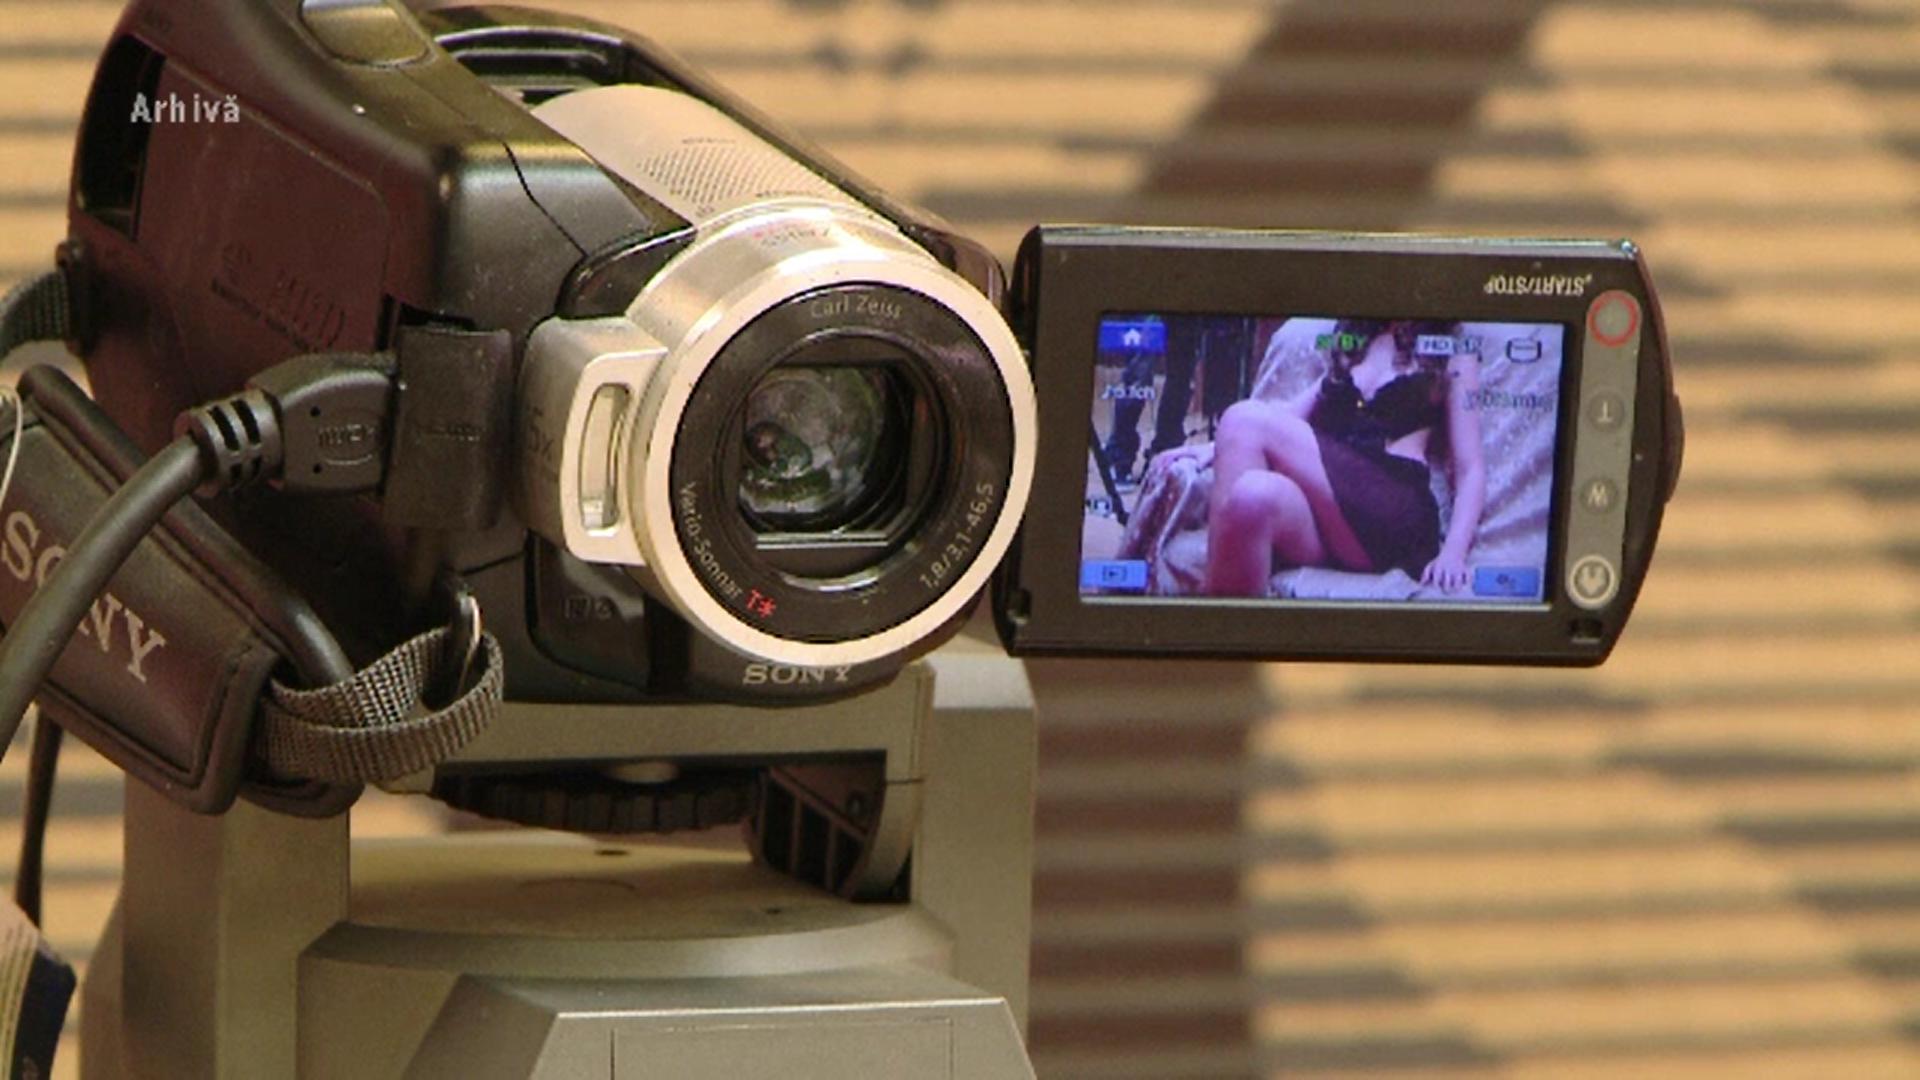 Judecătorii i-au interzis unei ieșence să mai facă videochat timp de 2 ani. Cum s-a ajuns aici